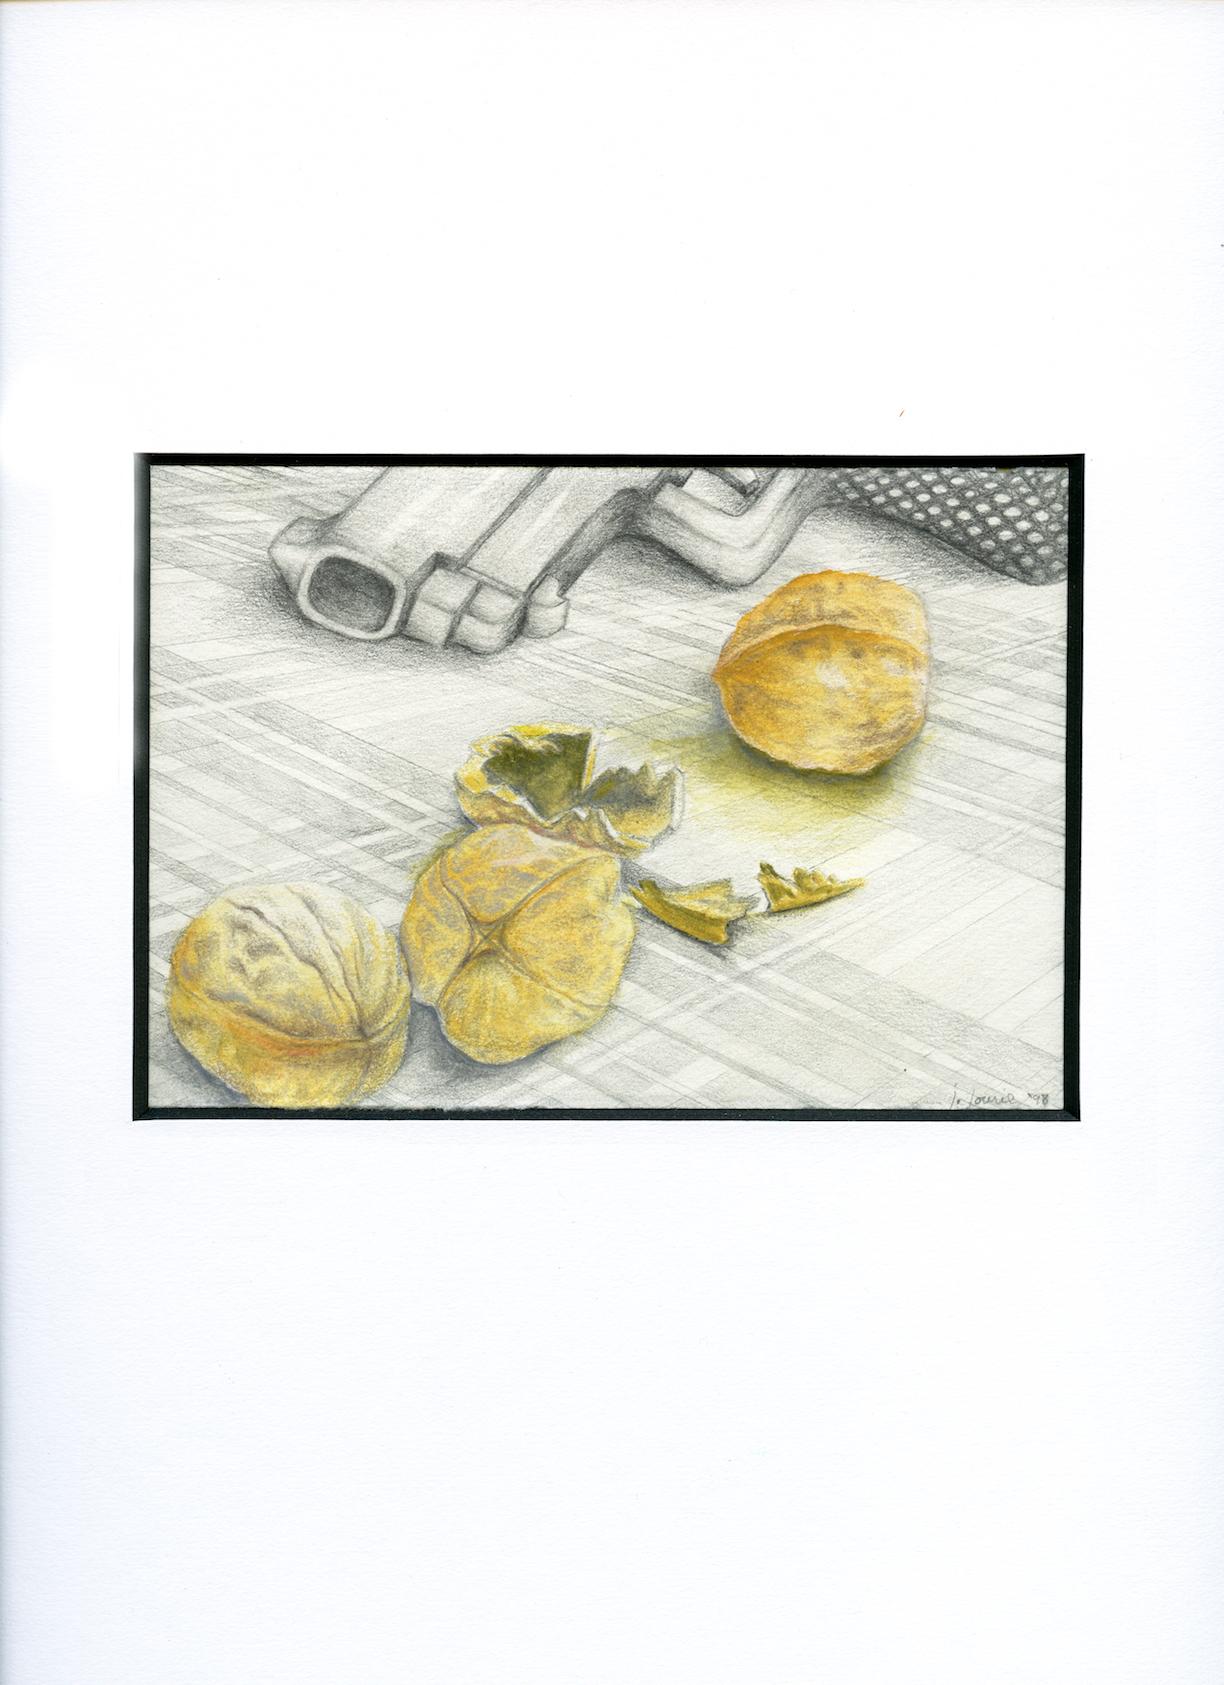 gun & nuts